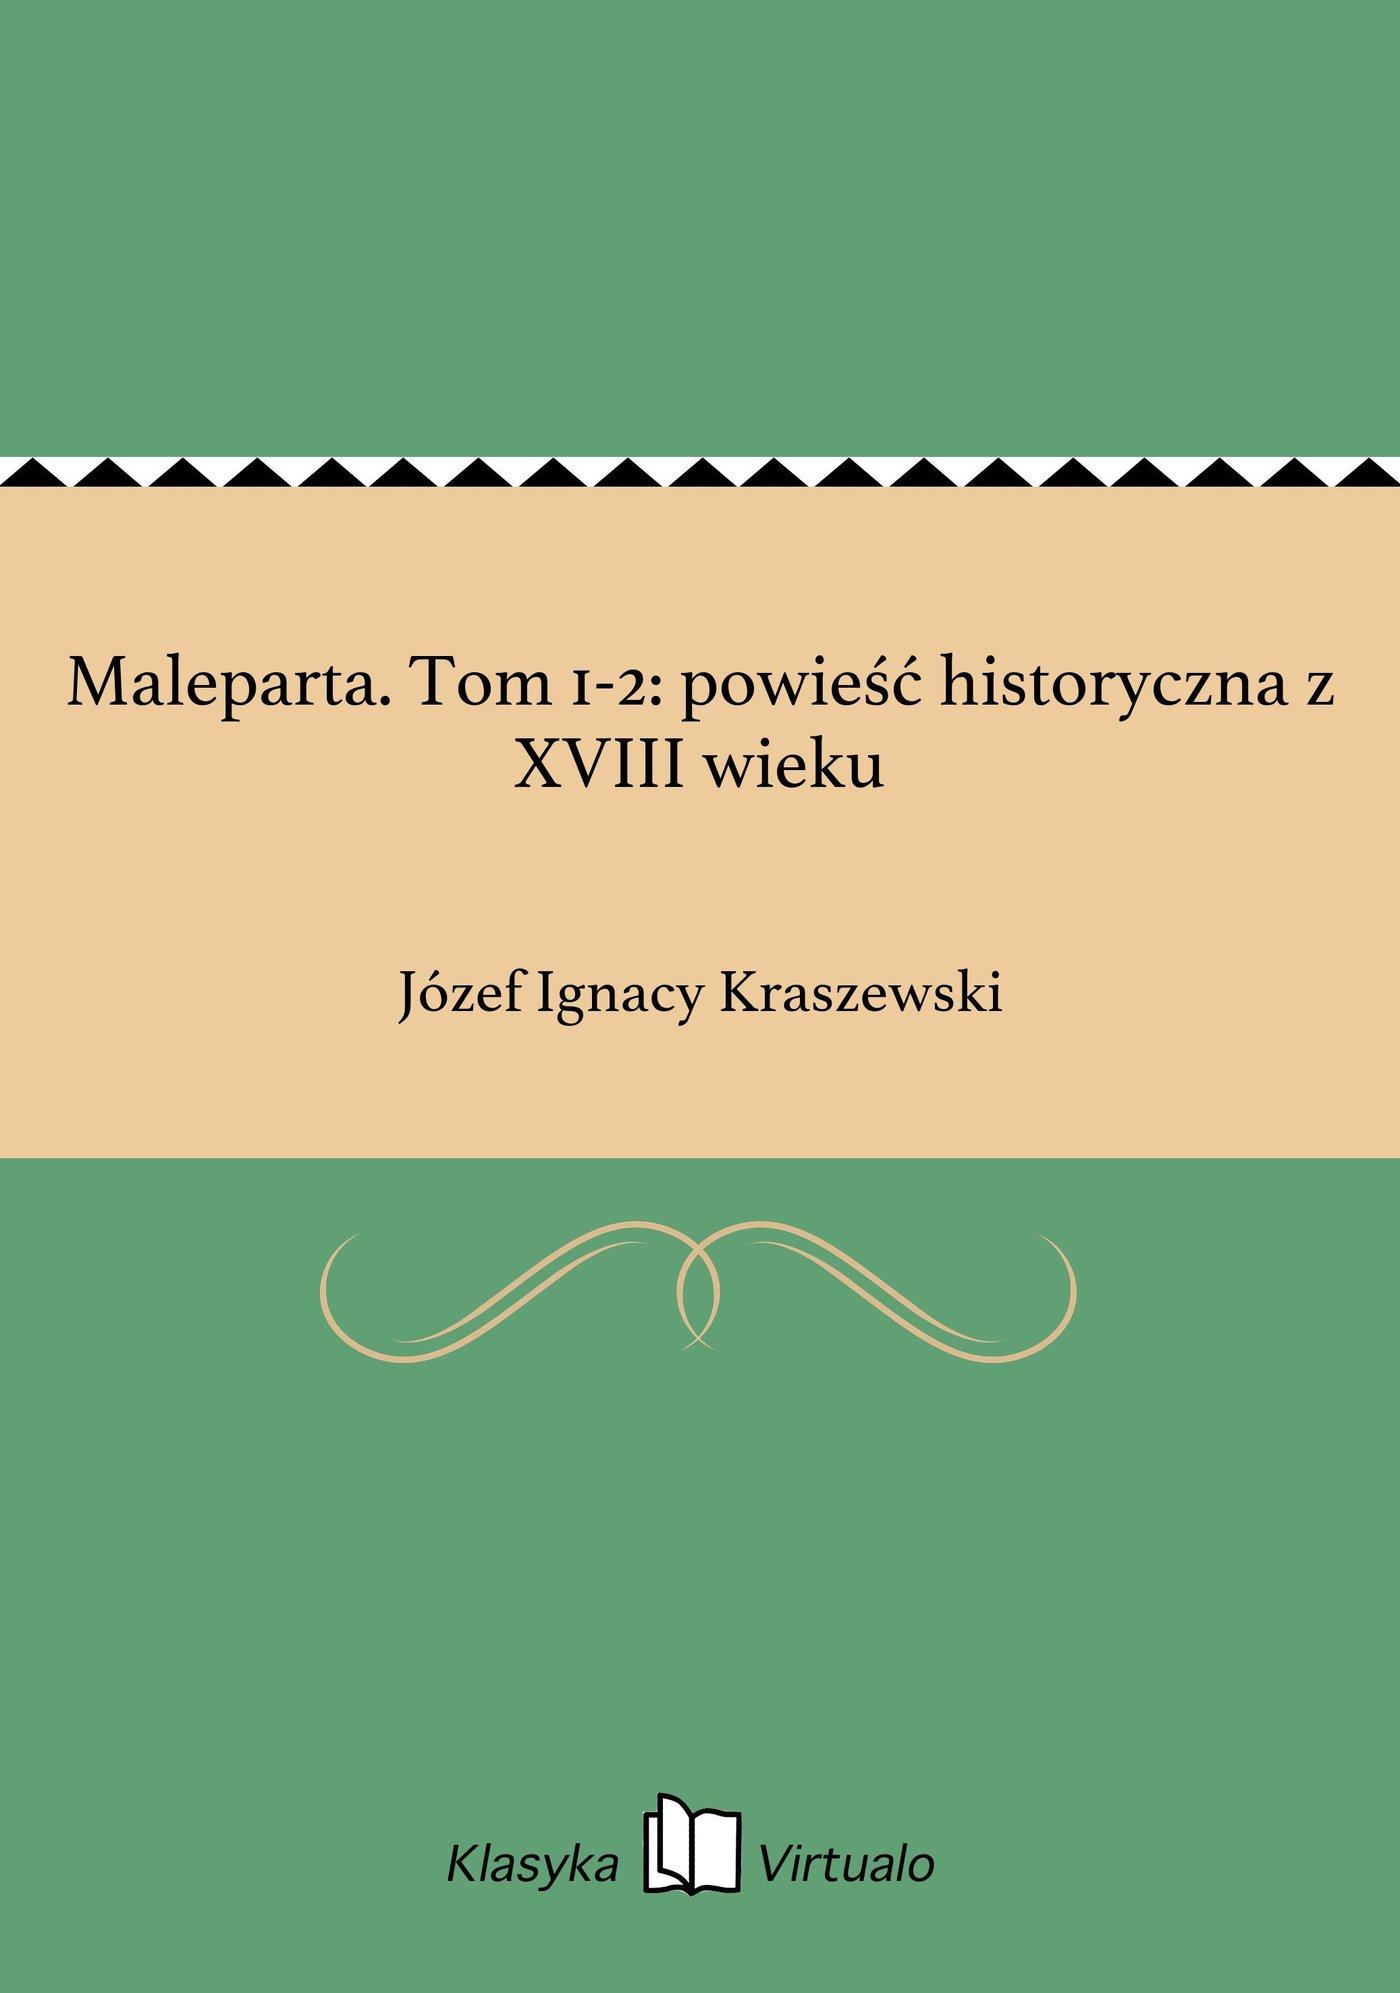 Maleparta. Tom 1-2: powieść historyczna z XVIII wieku - Ebook (Książka EPUB) do pobrania w formacie EPUB